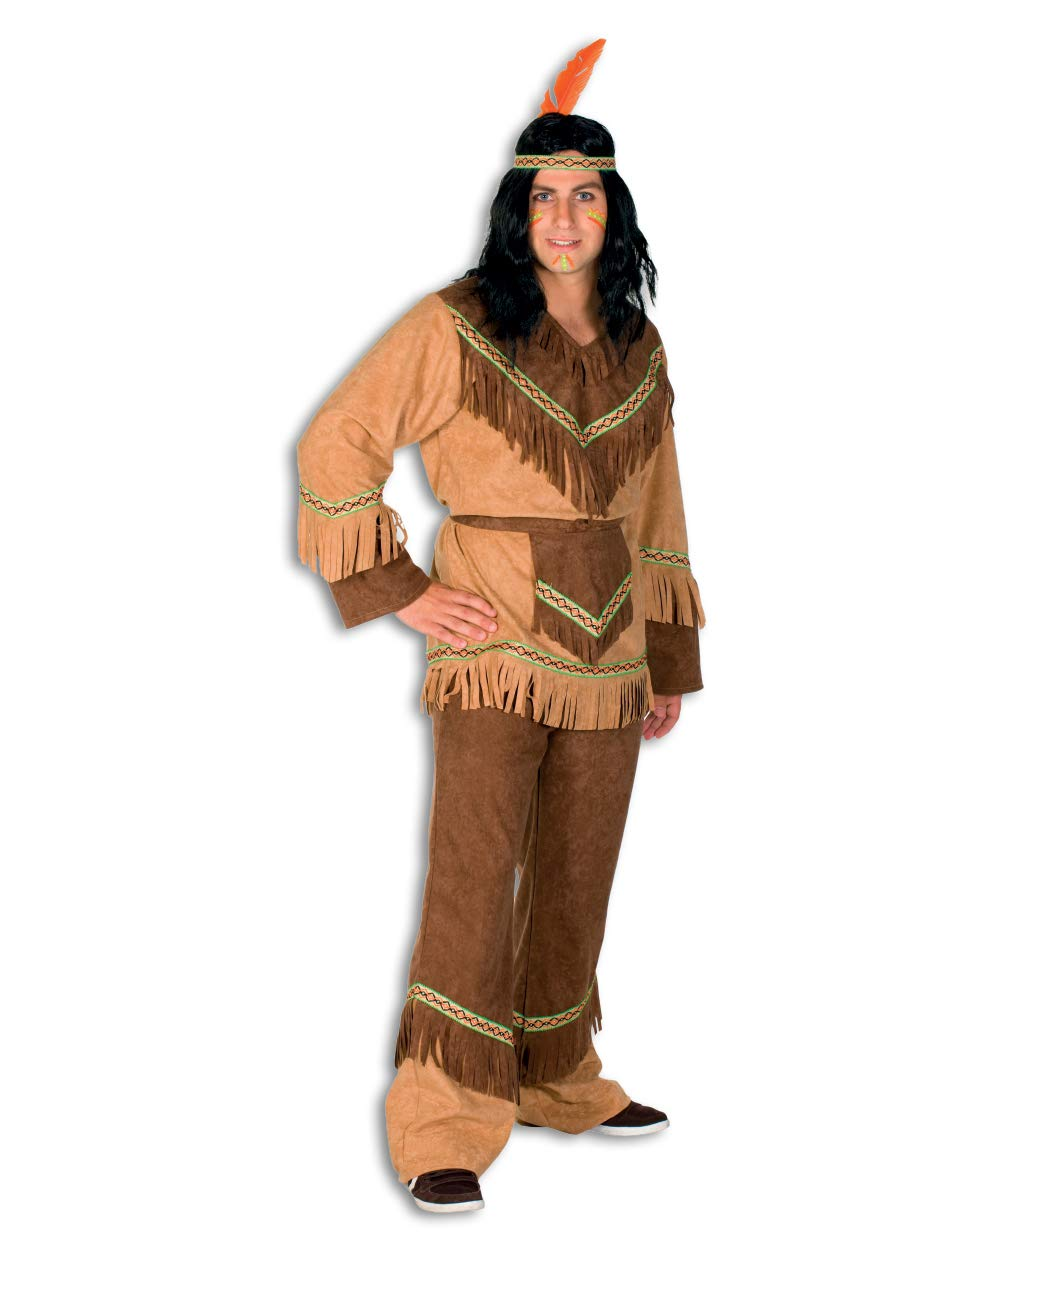 TH-MP Indianer Herrenkostüm Indianerkostüm (58) B07N2MTGCB Kostüme für Erwachsene Großer Verkauf  | Bekannt für seine gute Qualität